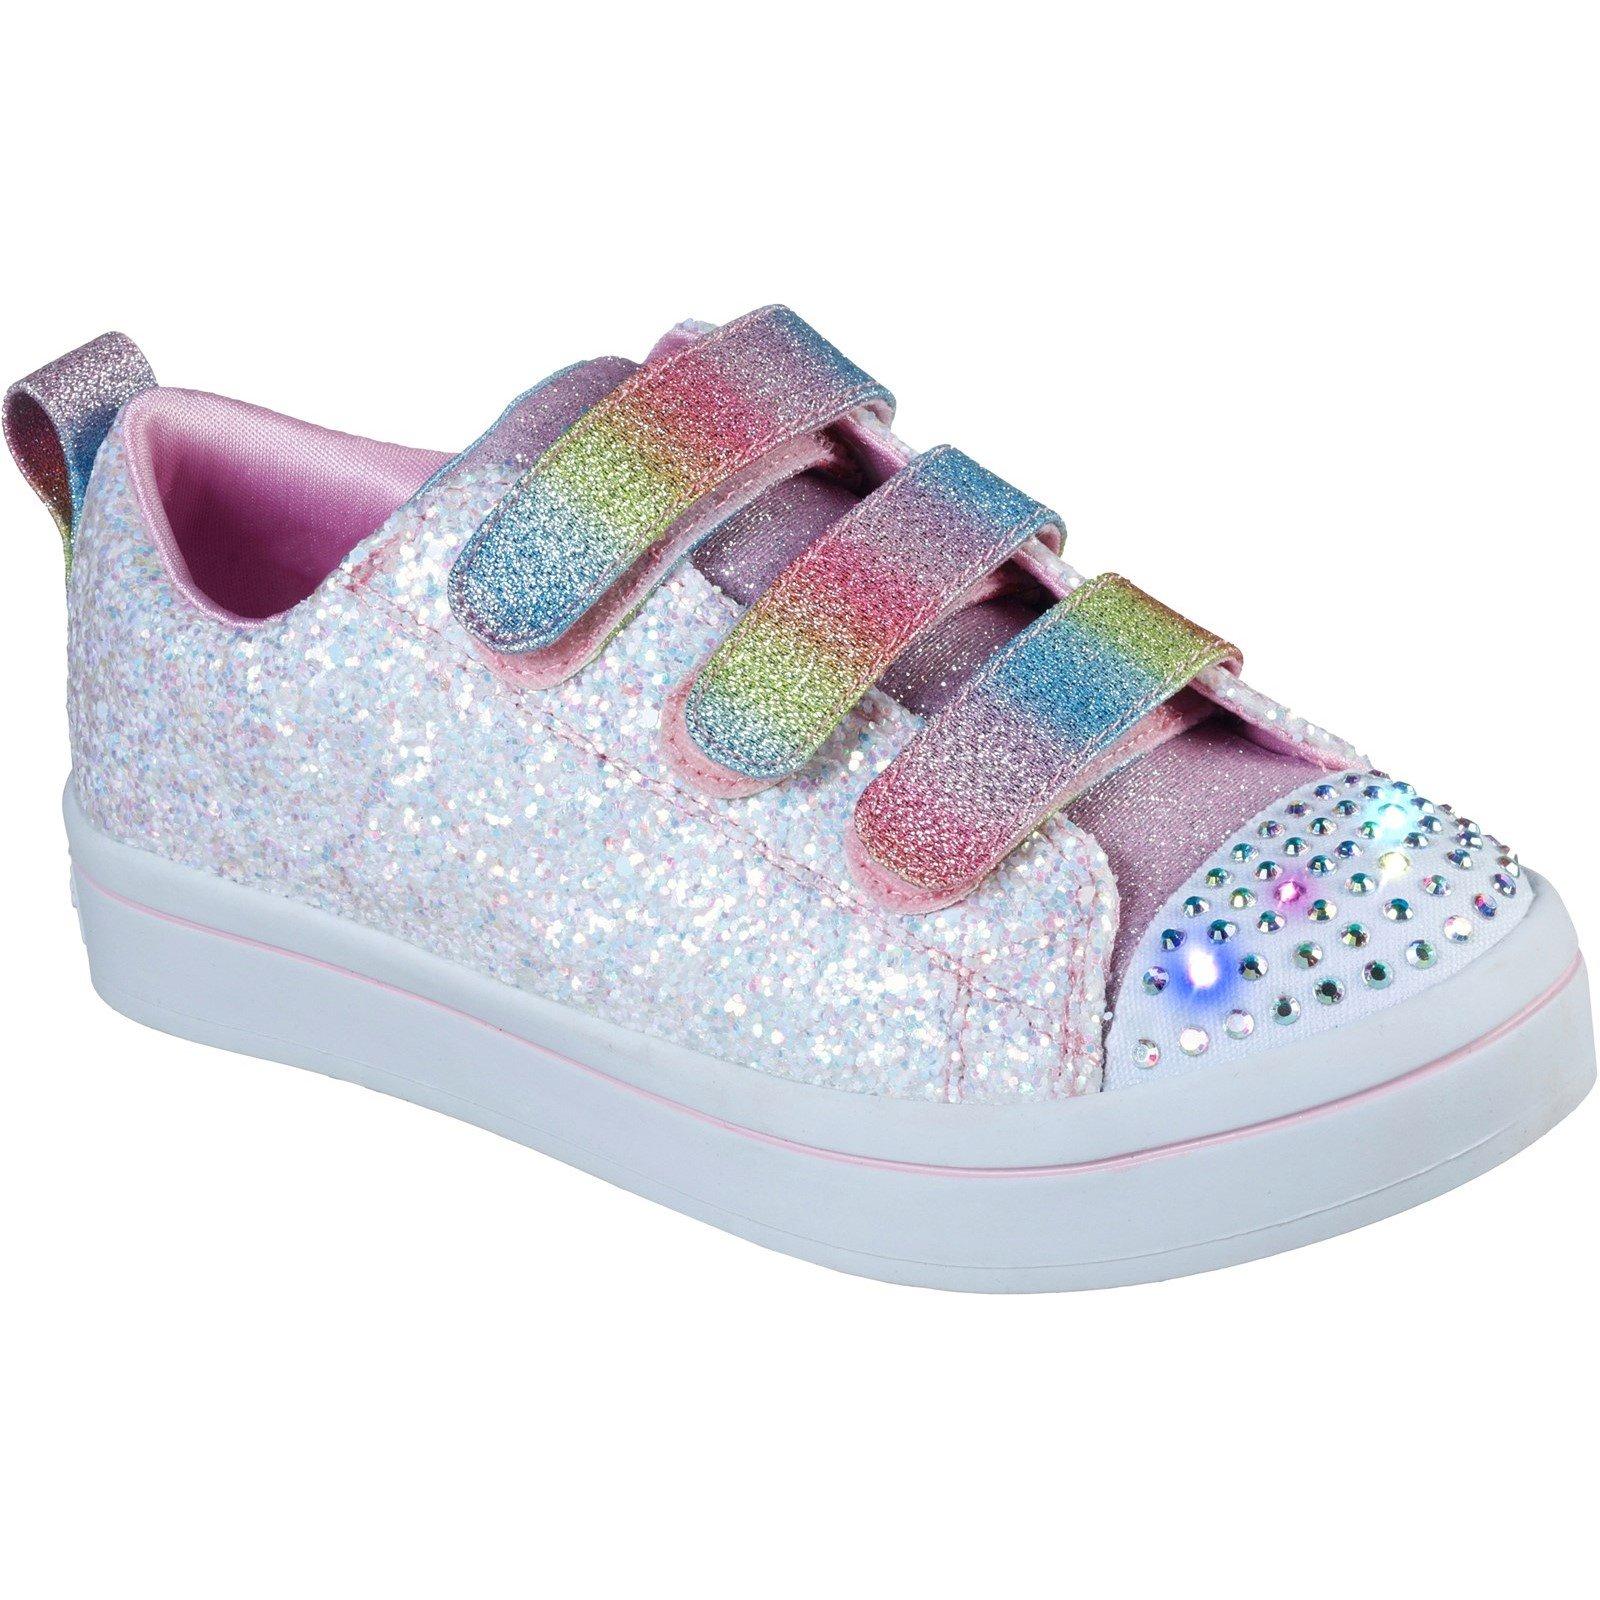 Skechers Kid's Twi-Lites Glitter Glitz Trainer Multicolor 31895 - White/Multi 11.5